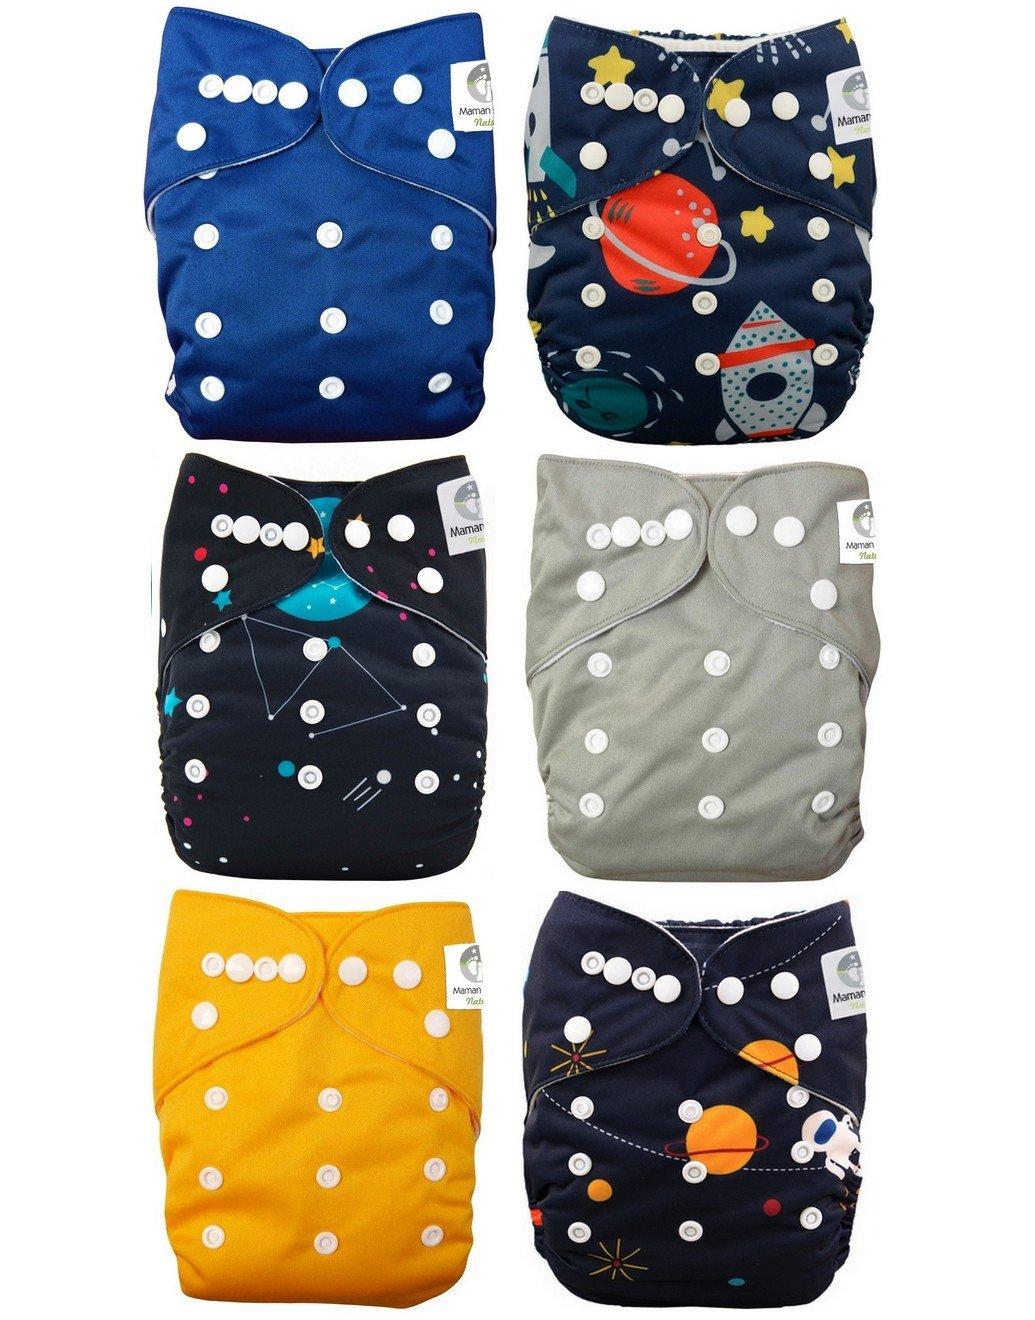 Lot de 6 couches lavables te1 tout en Un + 6 inserts en microfibre - Lune Maman et bb Nature